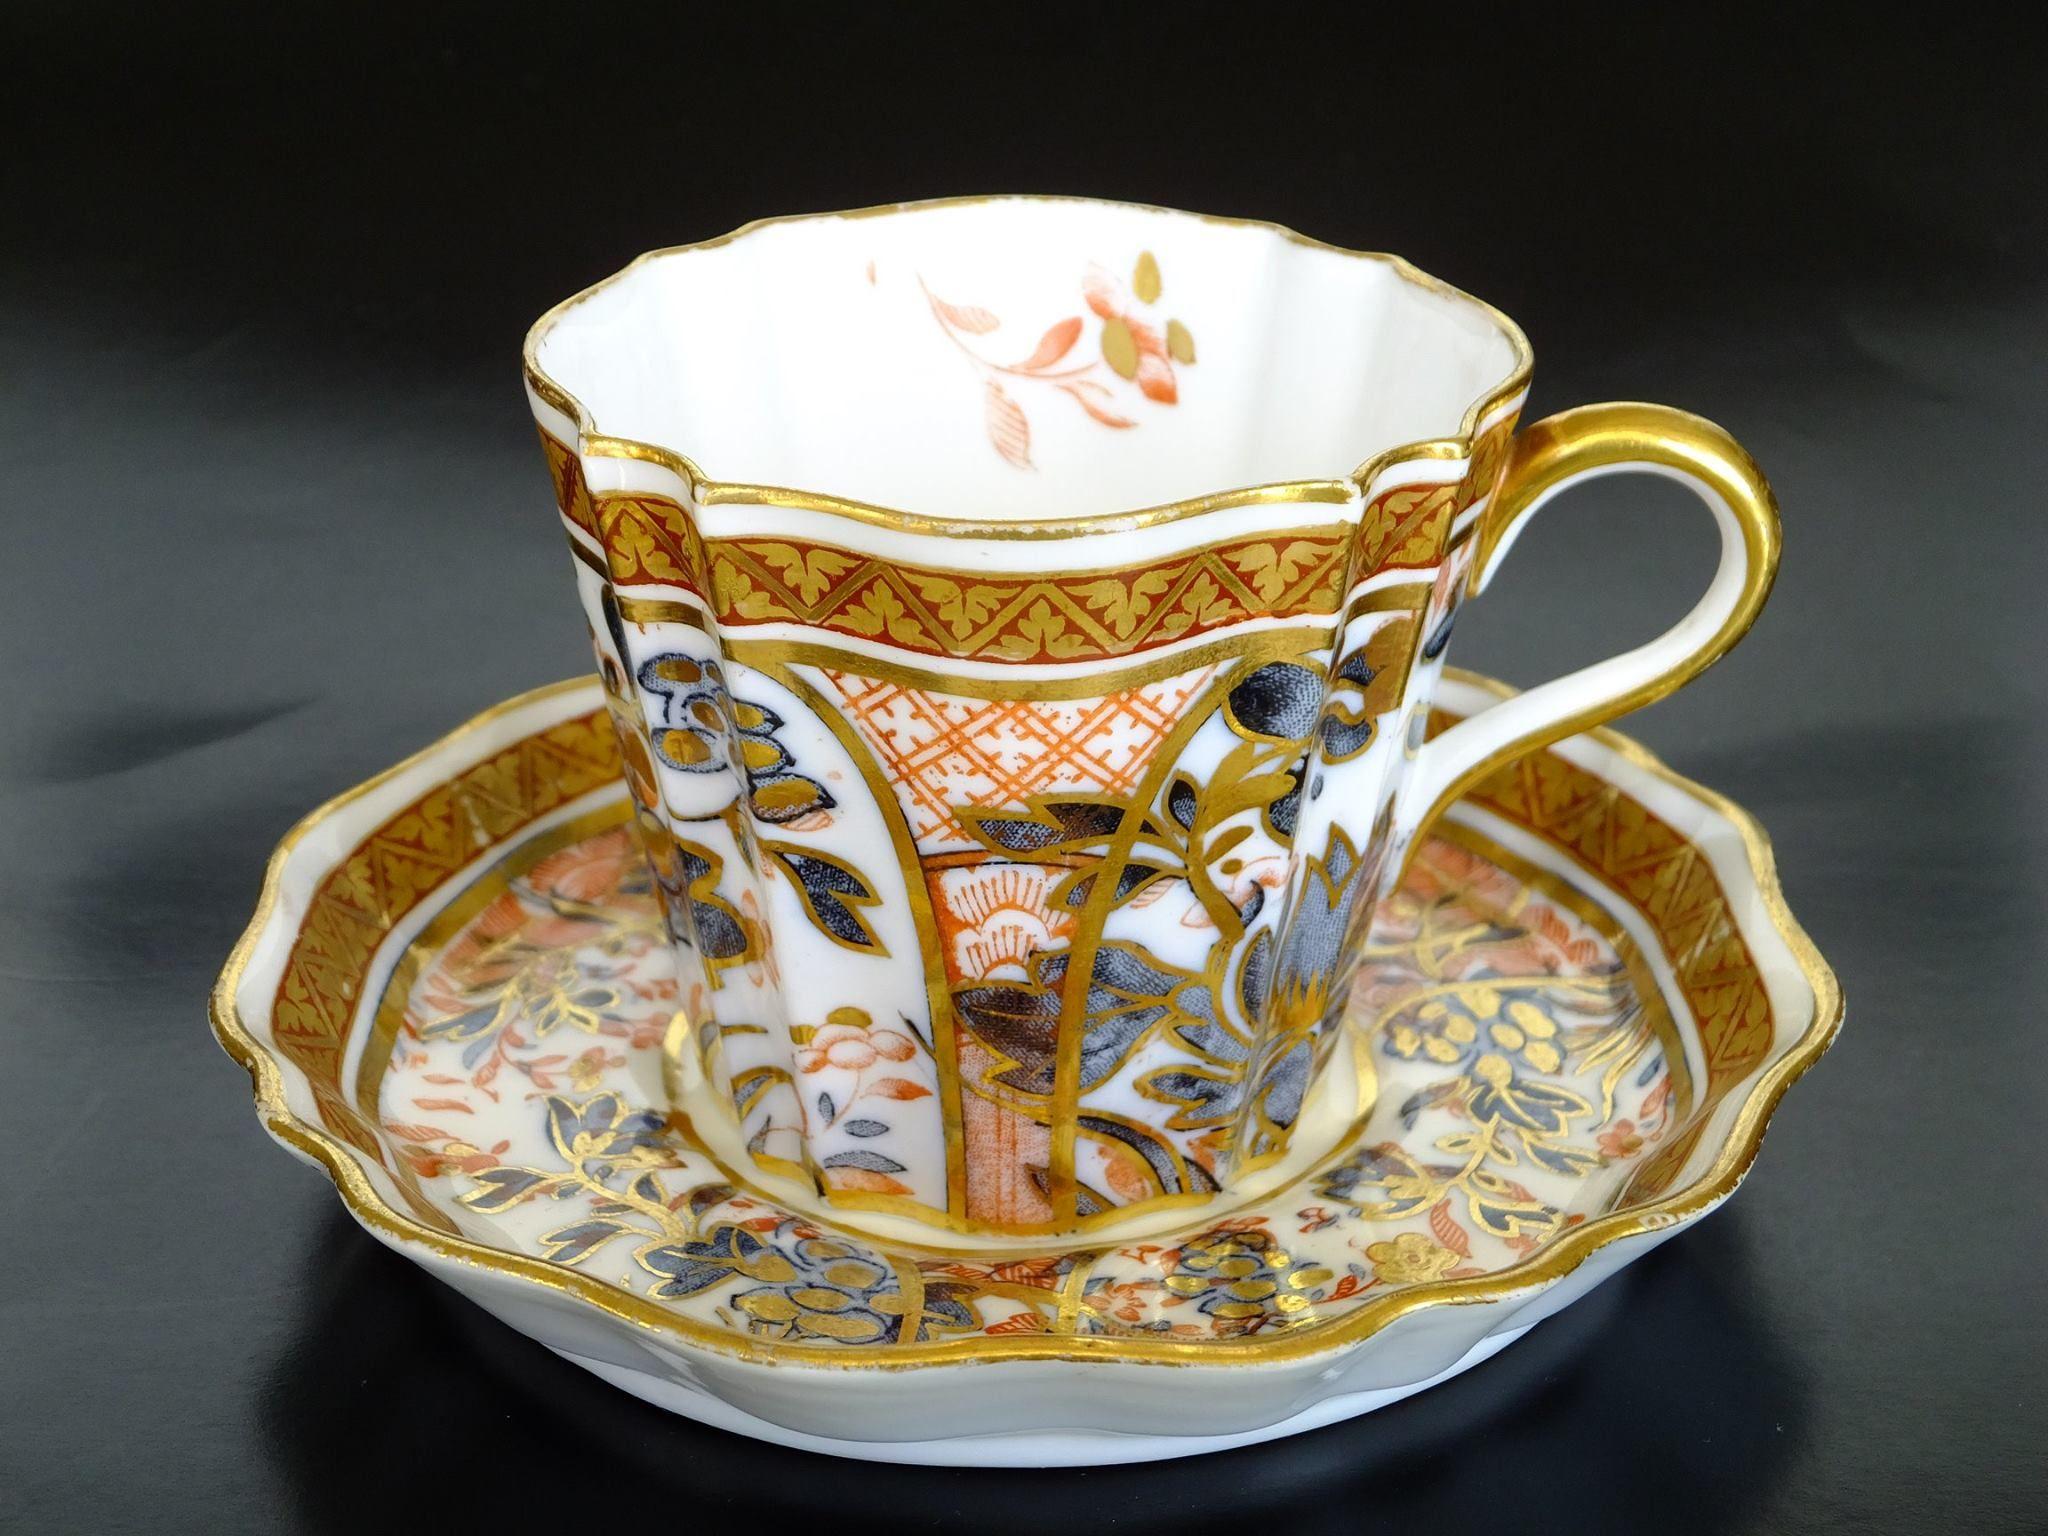 wedgwood uk 1878 1899 englisches porzellan pinterest porzellan und englisch. Black Bedroom Furniture Sets. Home Design Ideas